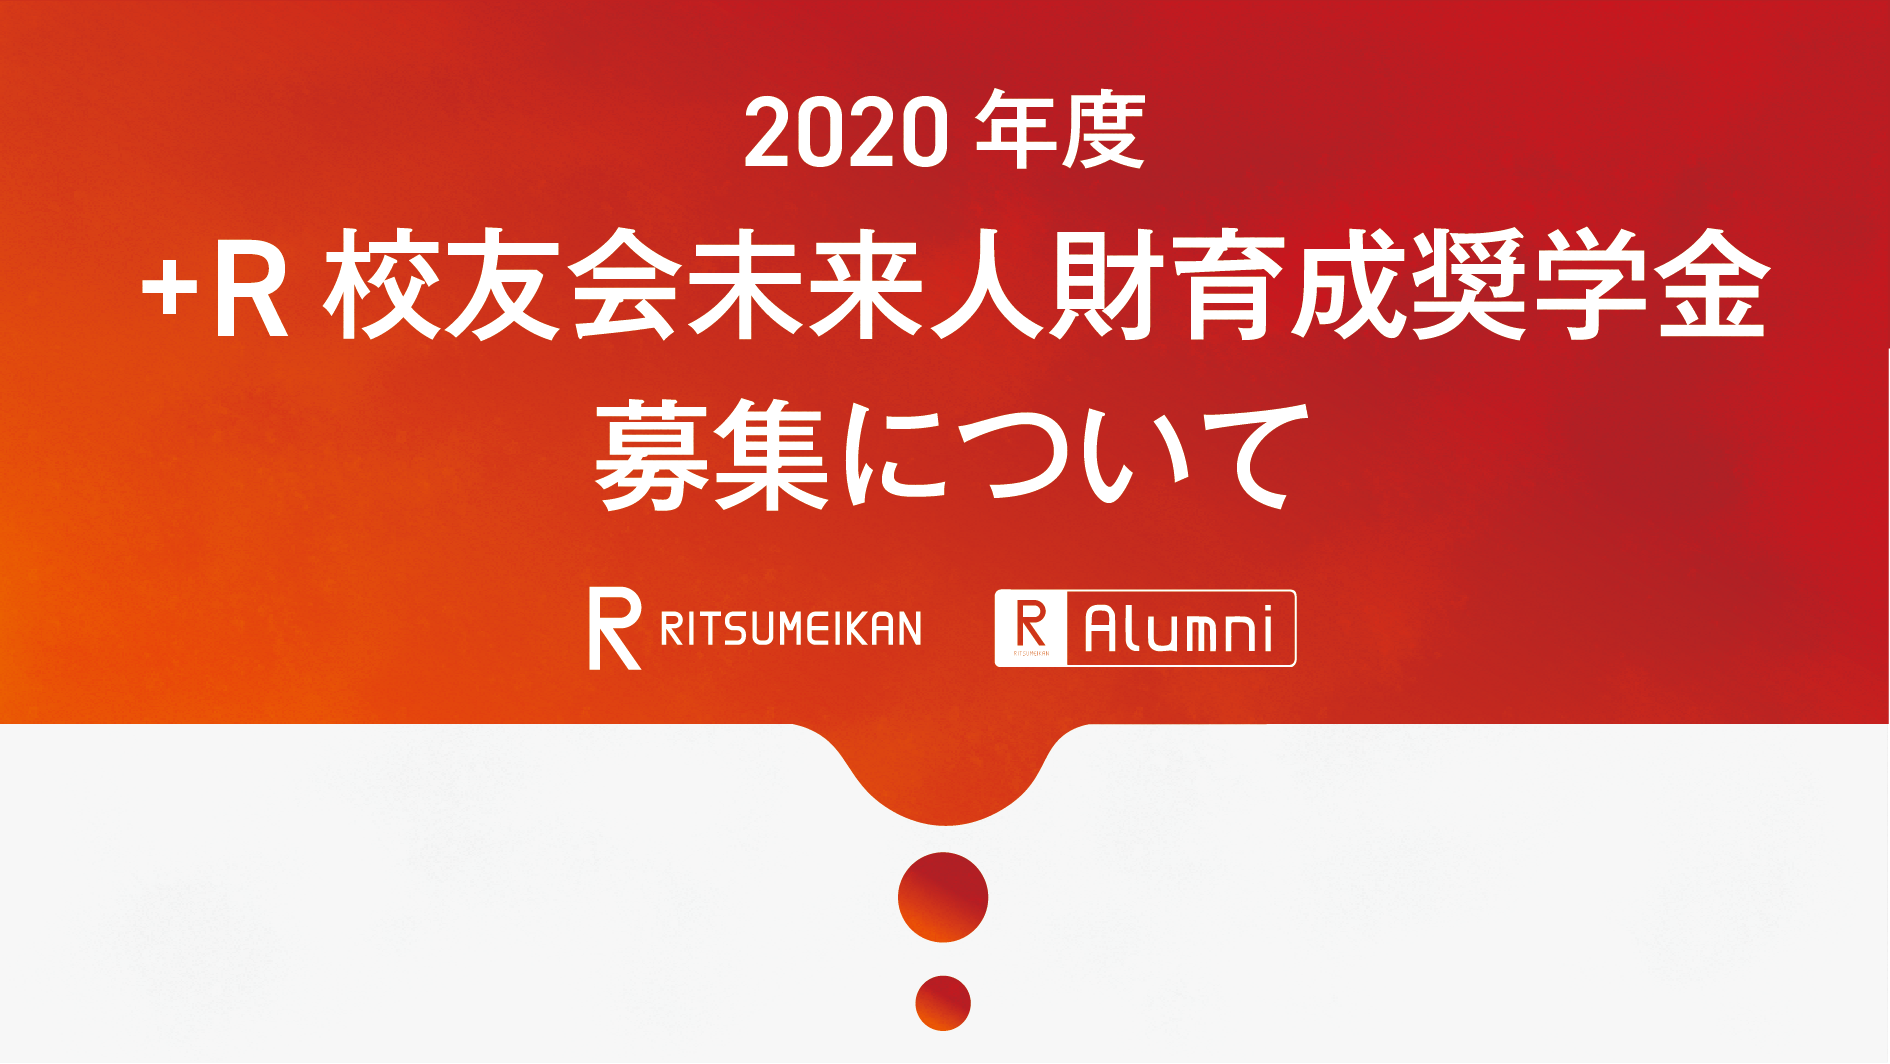 2020年度「+R校友会未来人財育成奨学金」の募集について(2020年6月22日13時申請〆切)